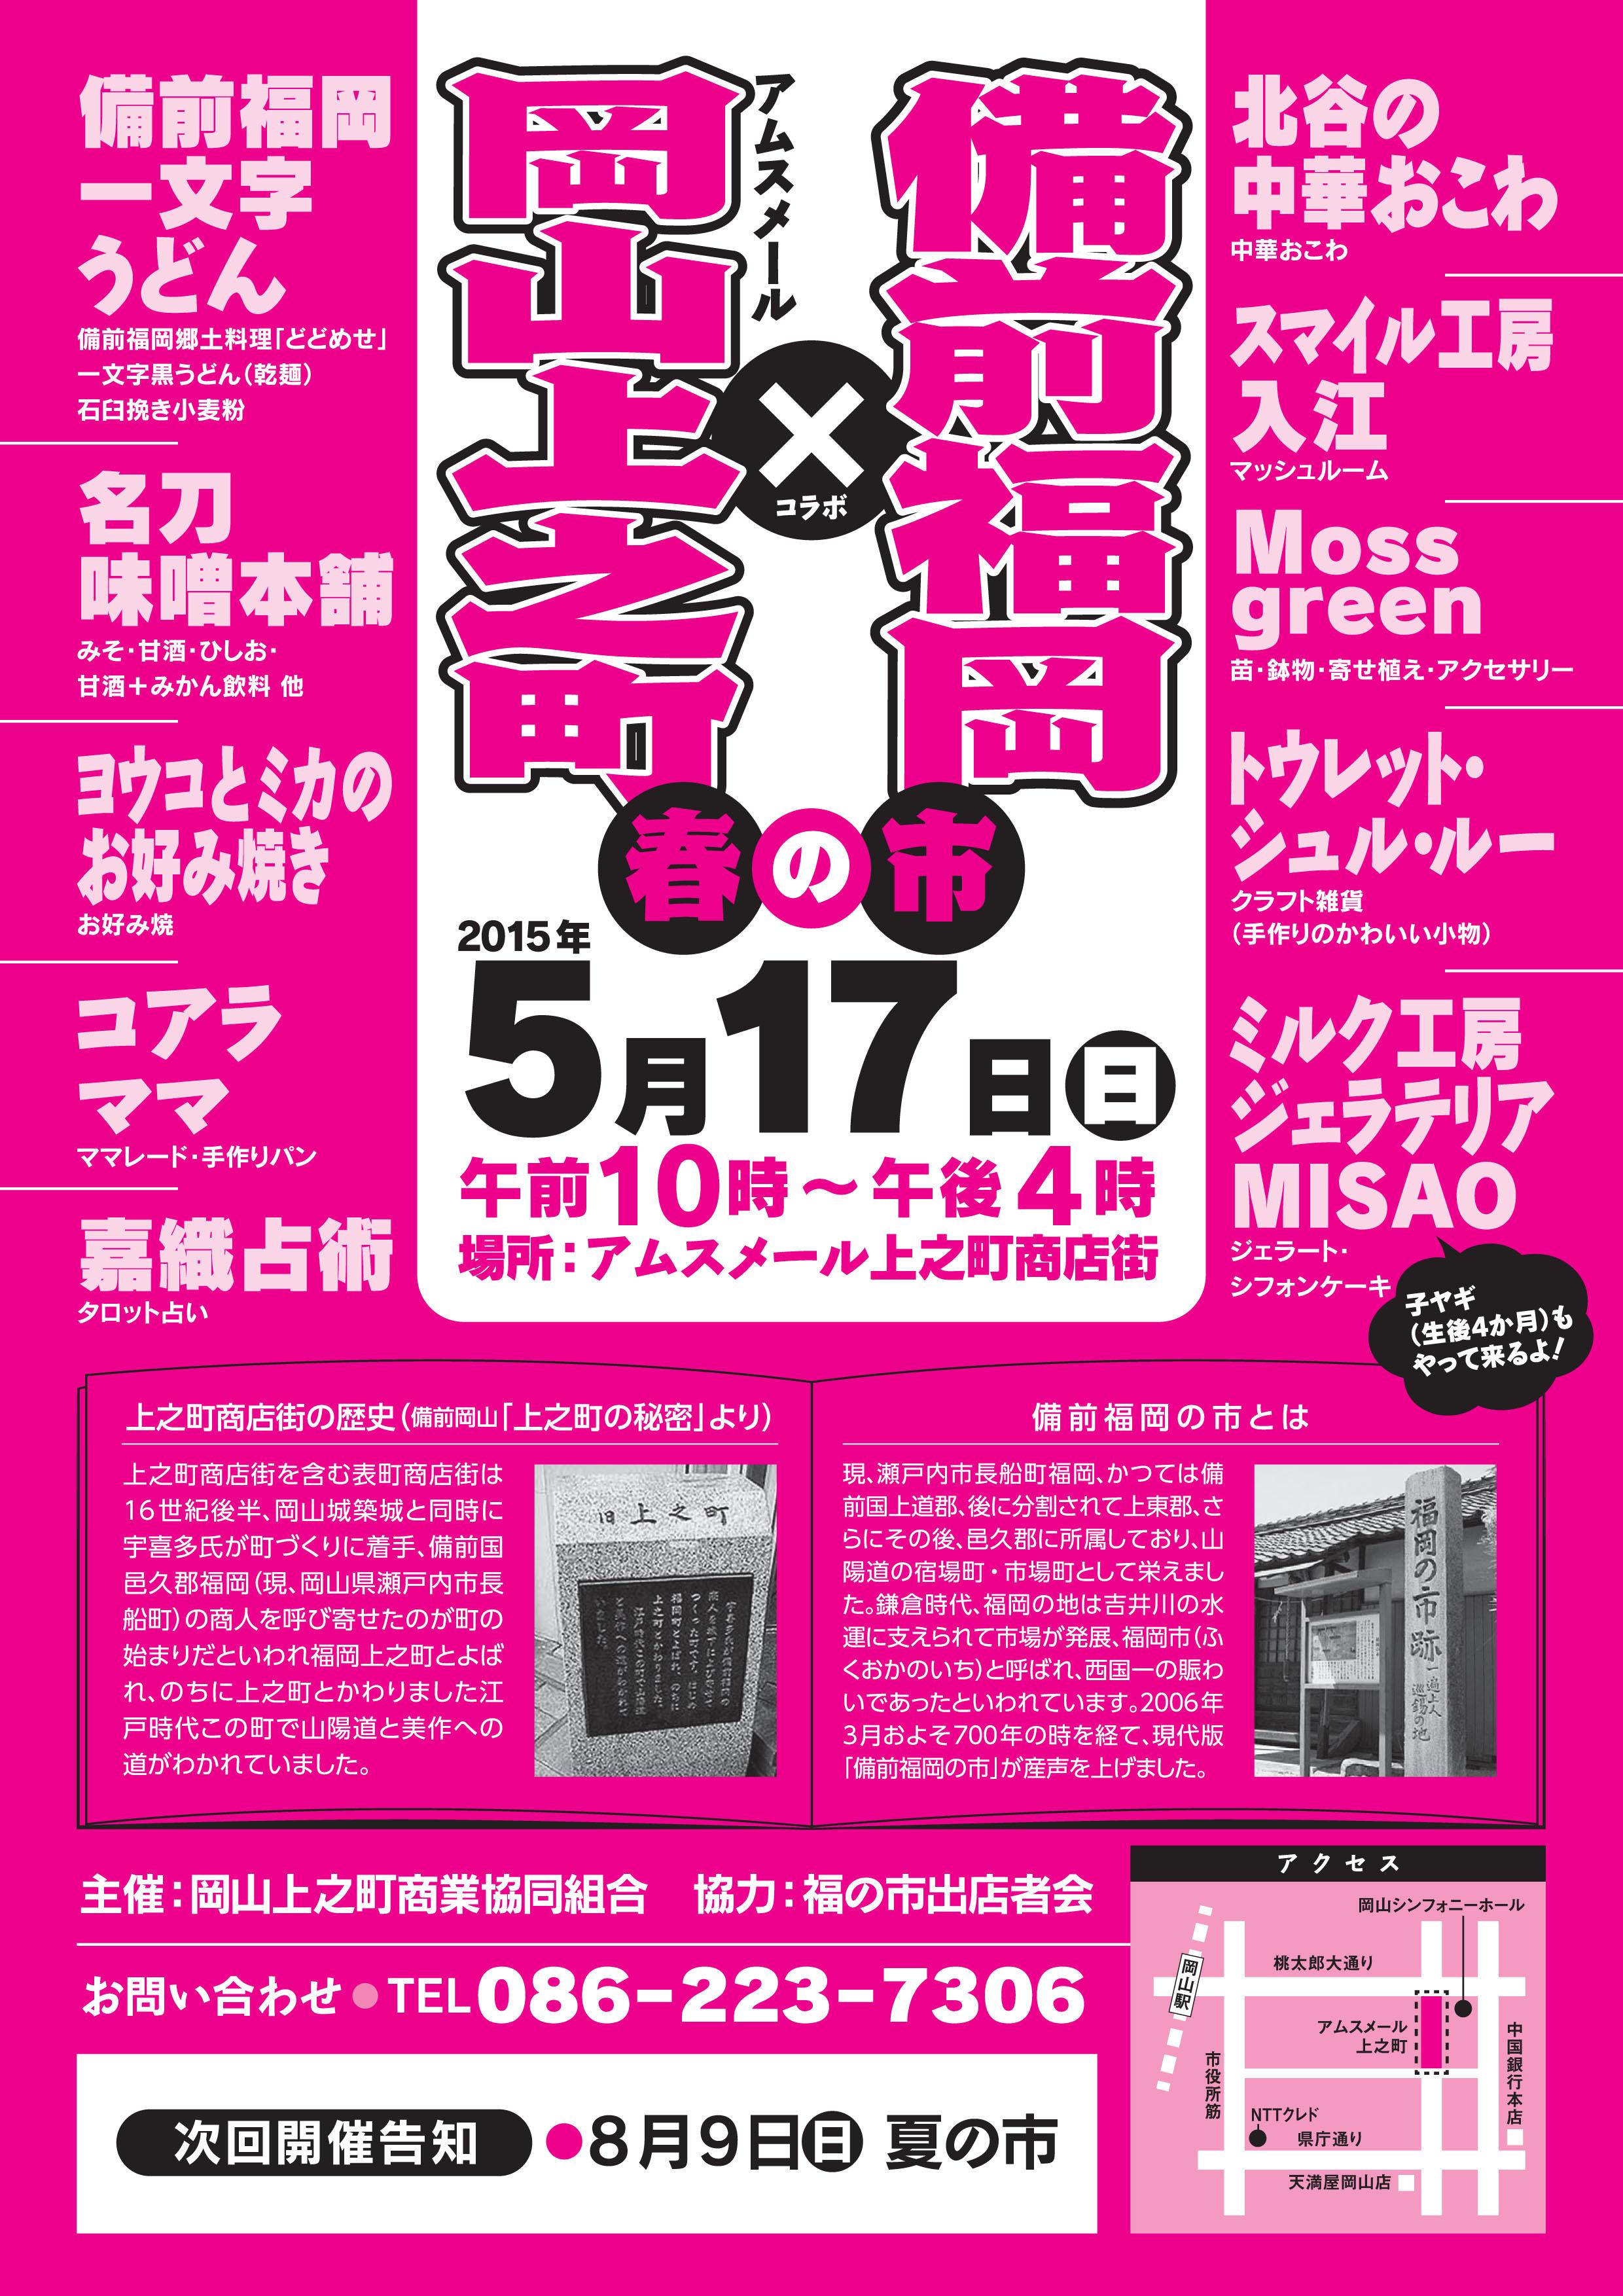 15福岡上之町チラシ.pdfのコピー